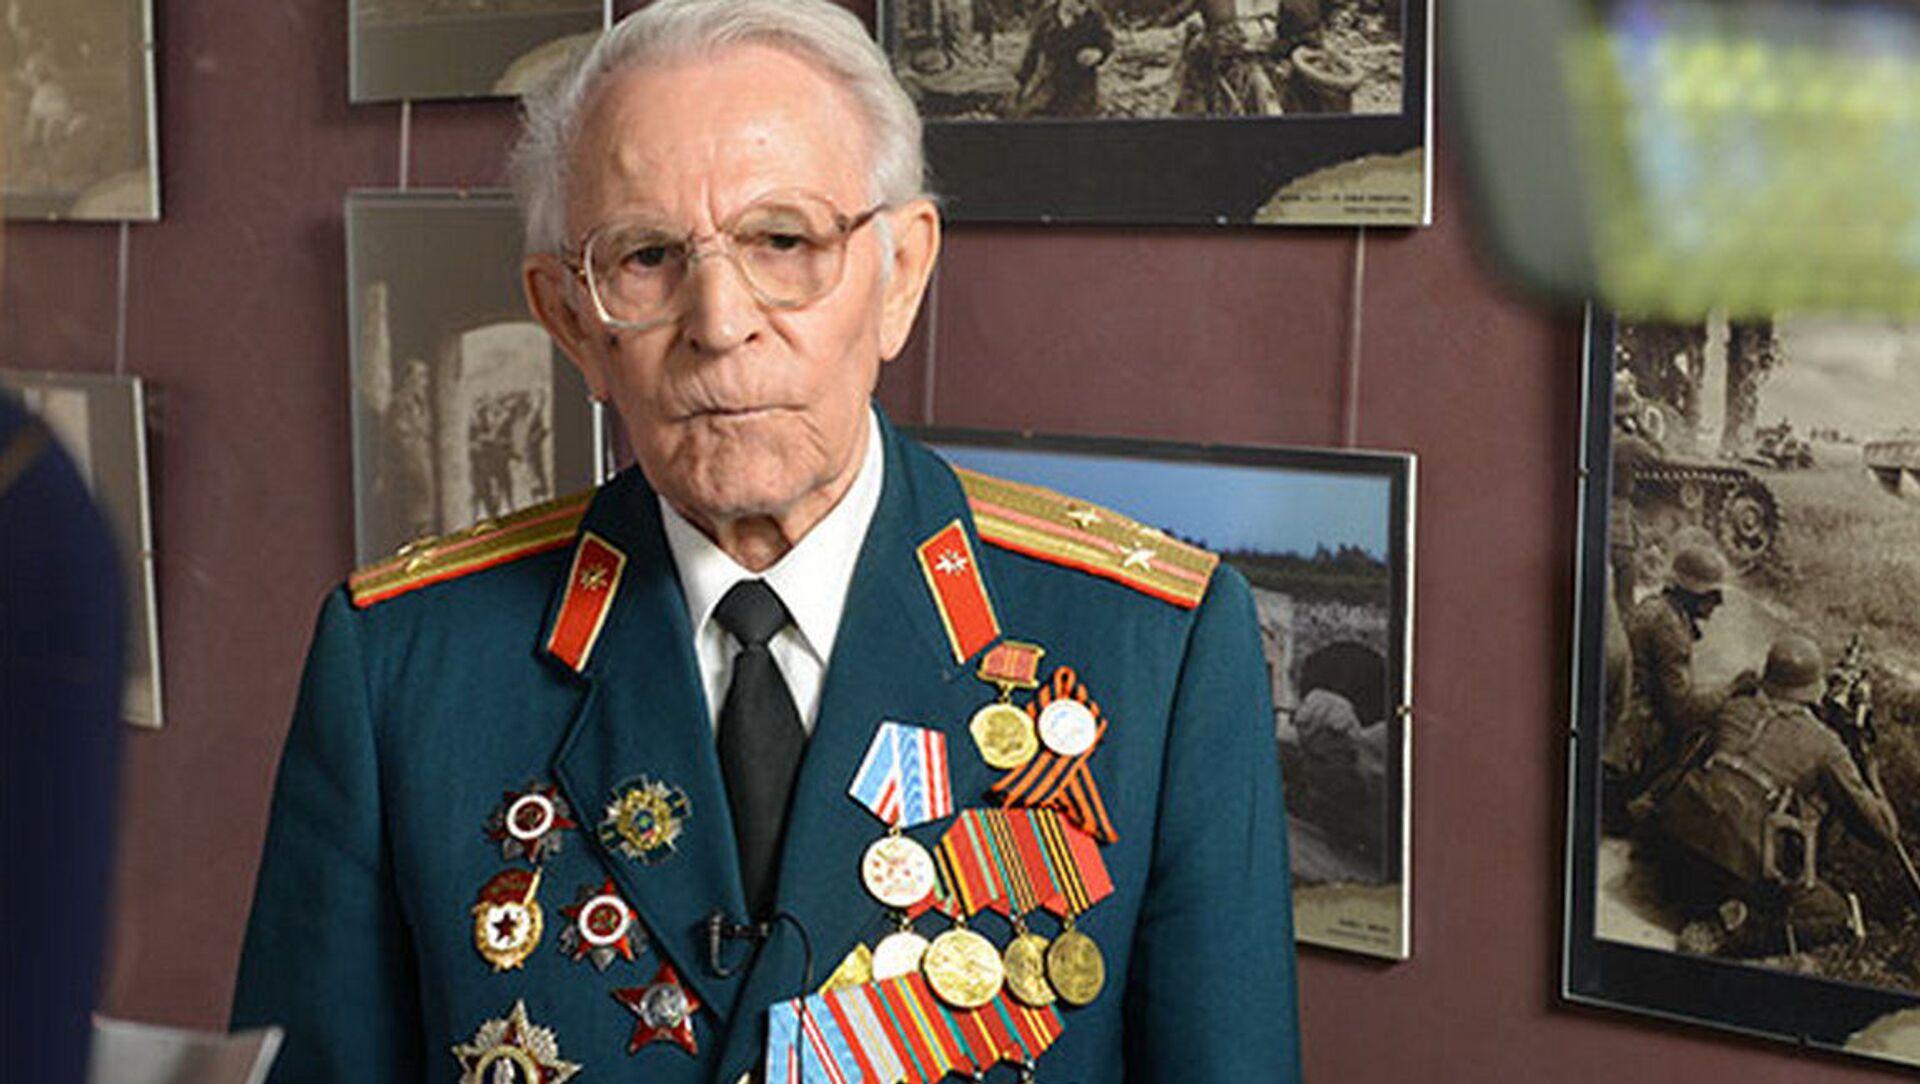 Пётр Кацельнікаў - Sputnik Беларусь, 1920, 21.04.2021